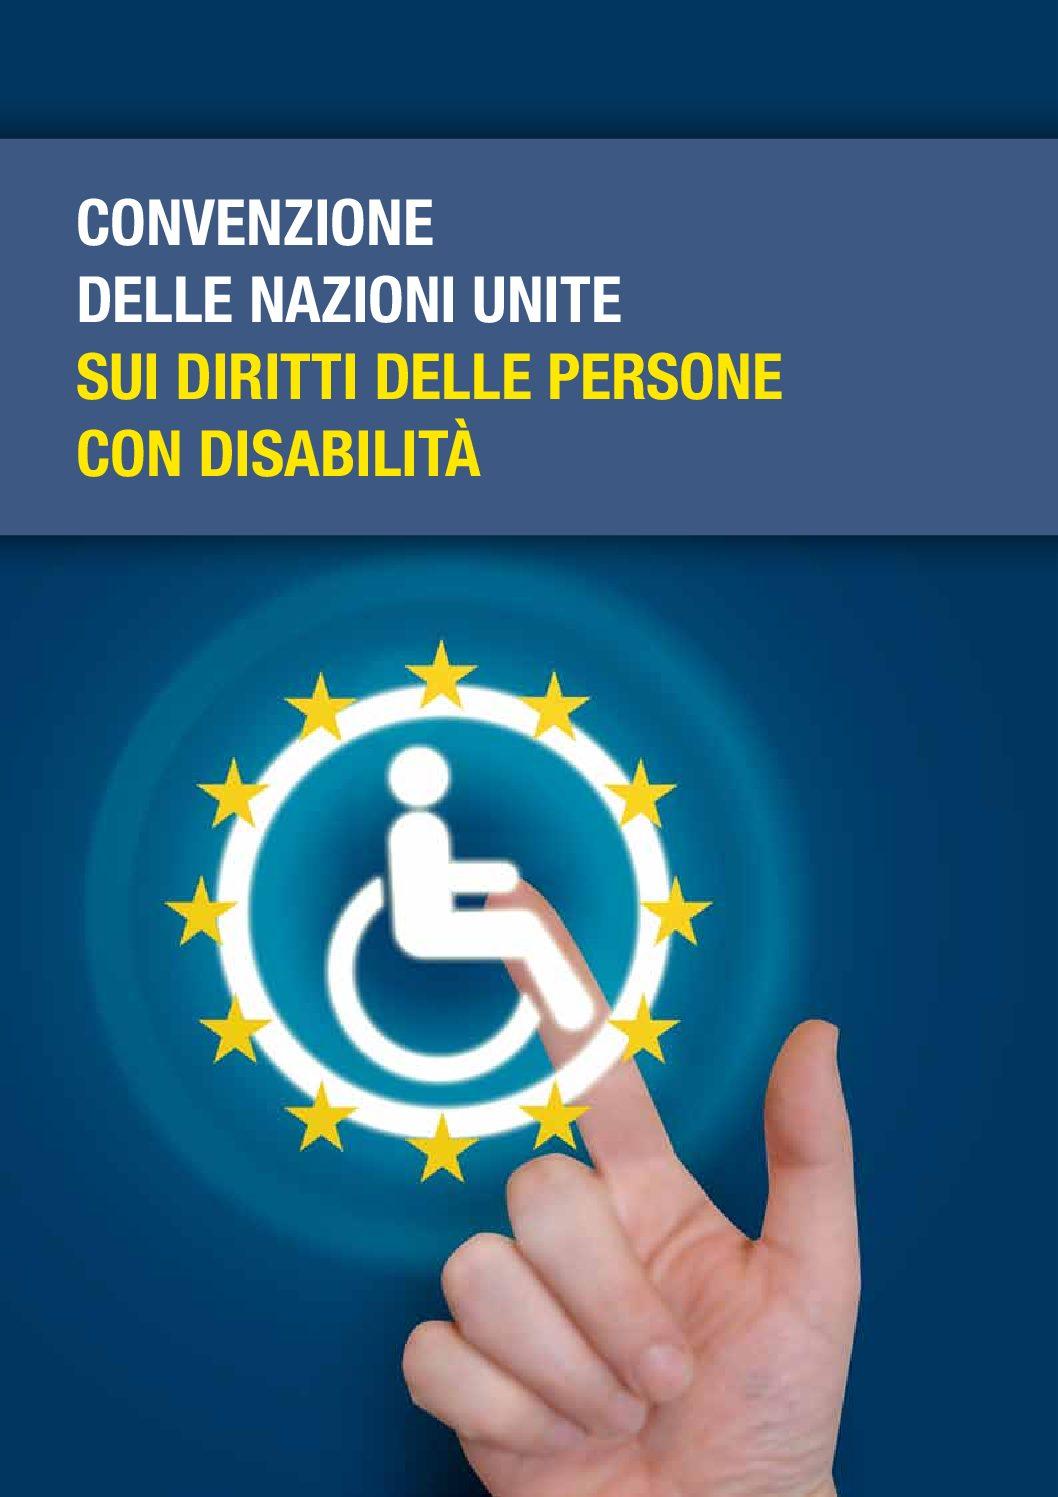 Convenzione-ONU-sui-diritti-delle-persone-con-disabilita